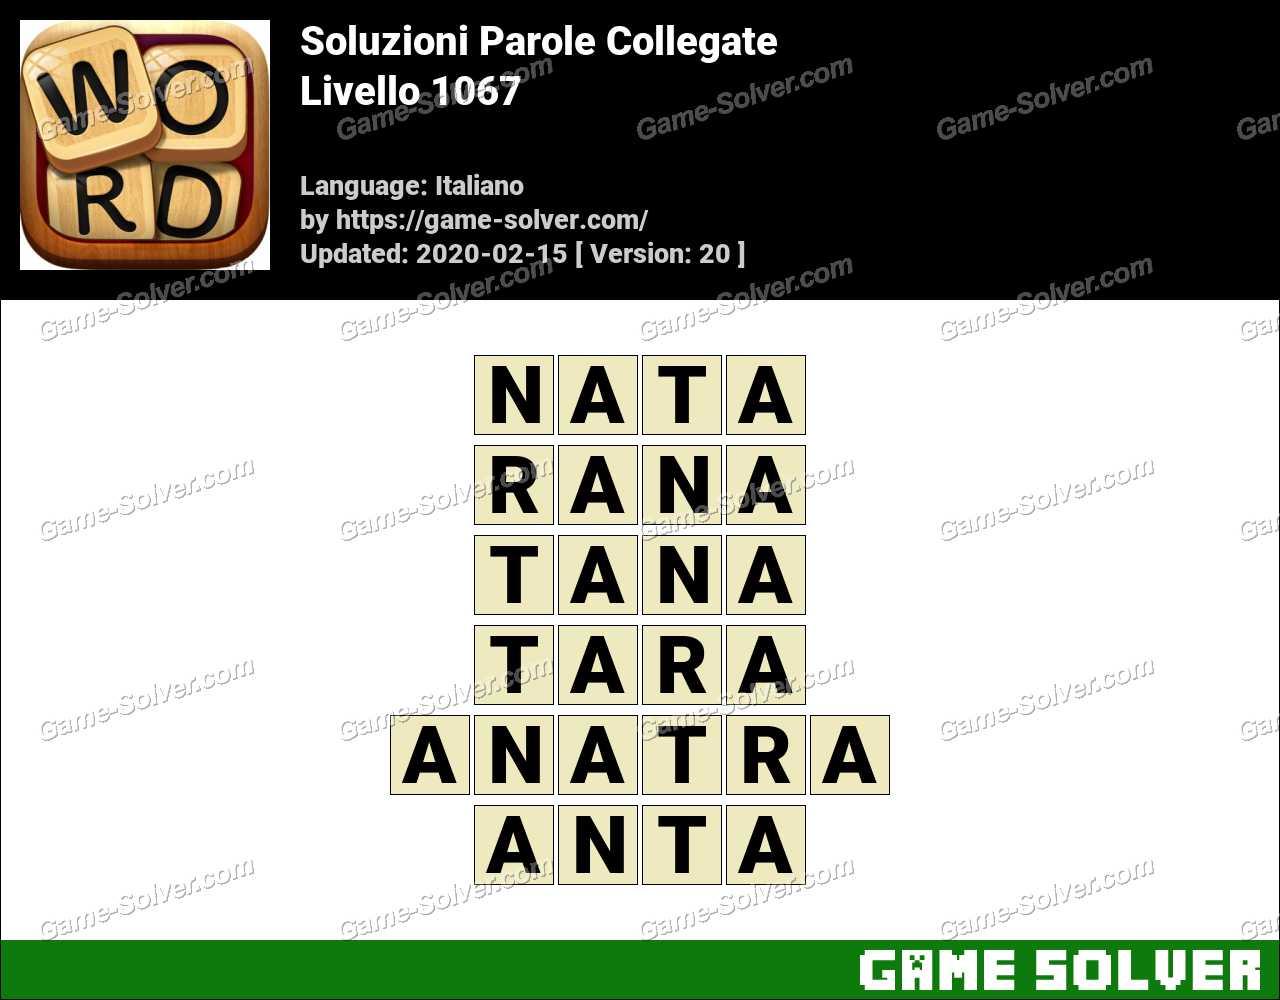 Soluzioni Parole Collegate Livello 1067